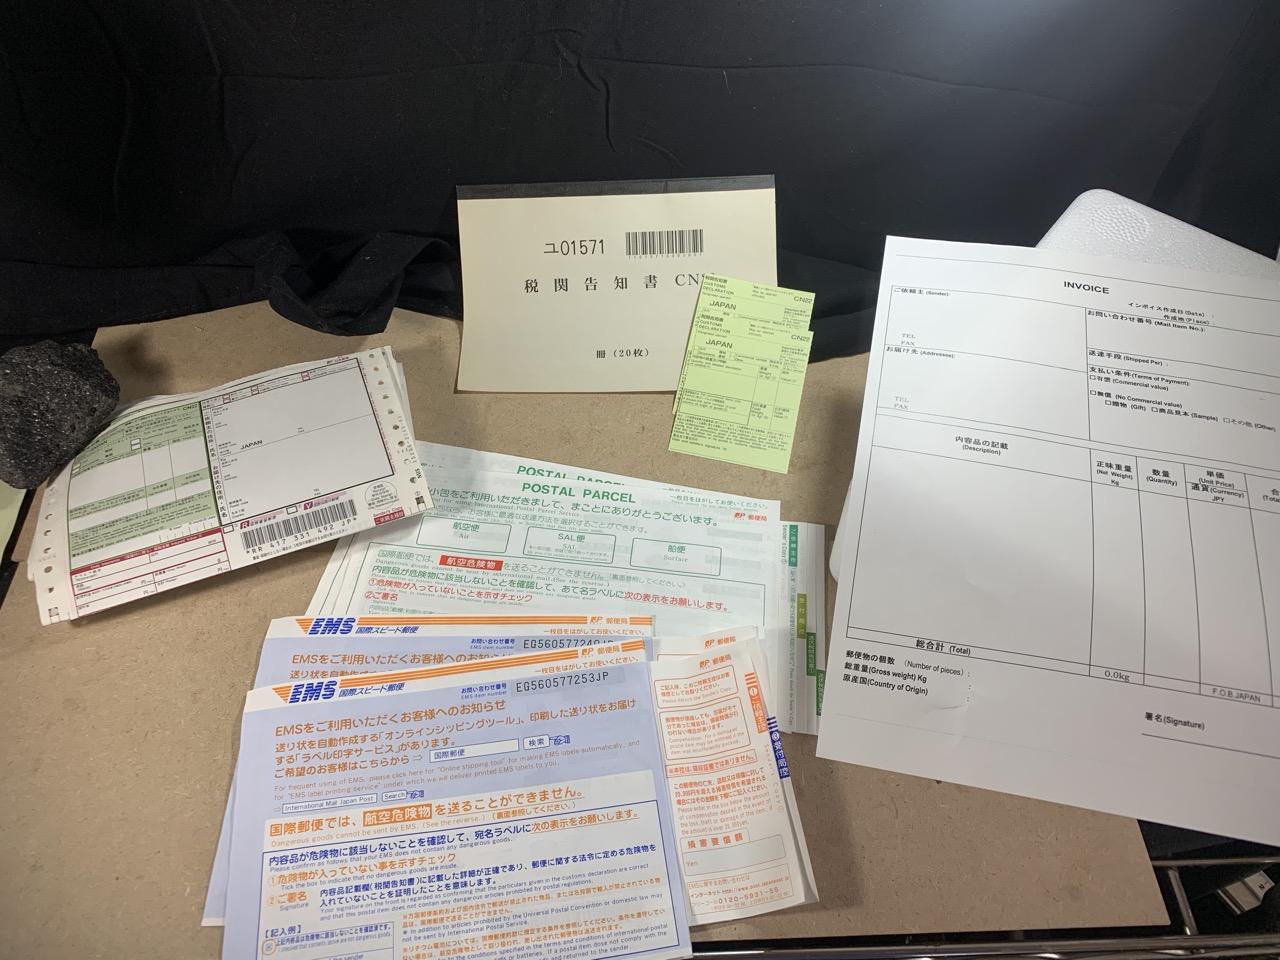 マイ ページ サービス 国際 郵便